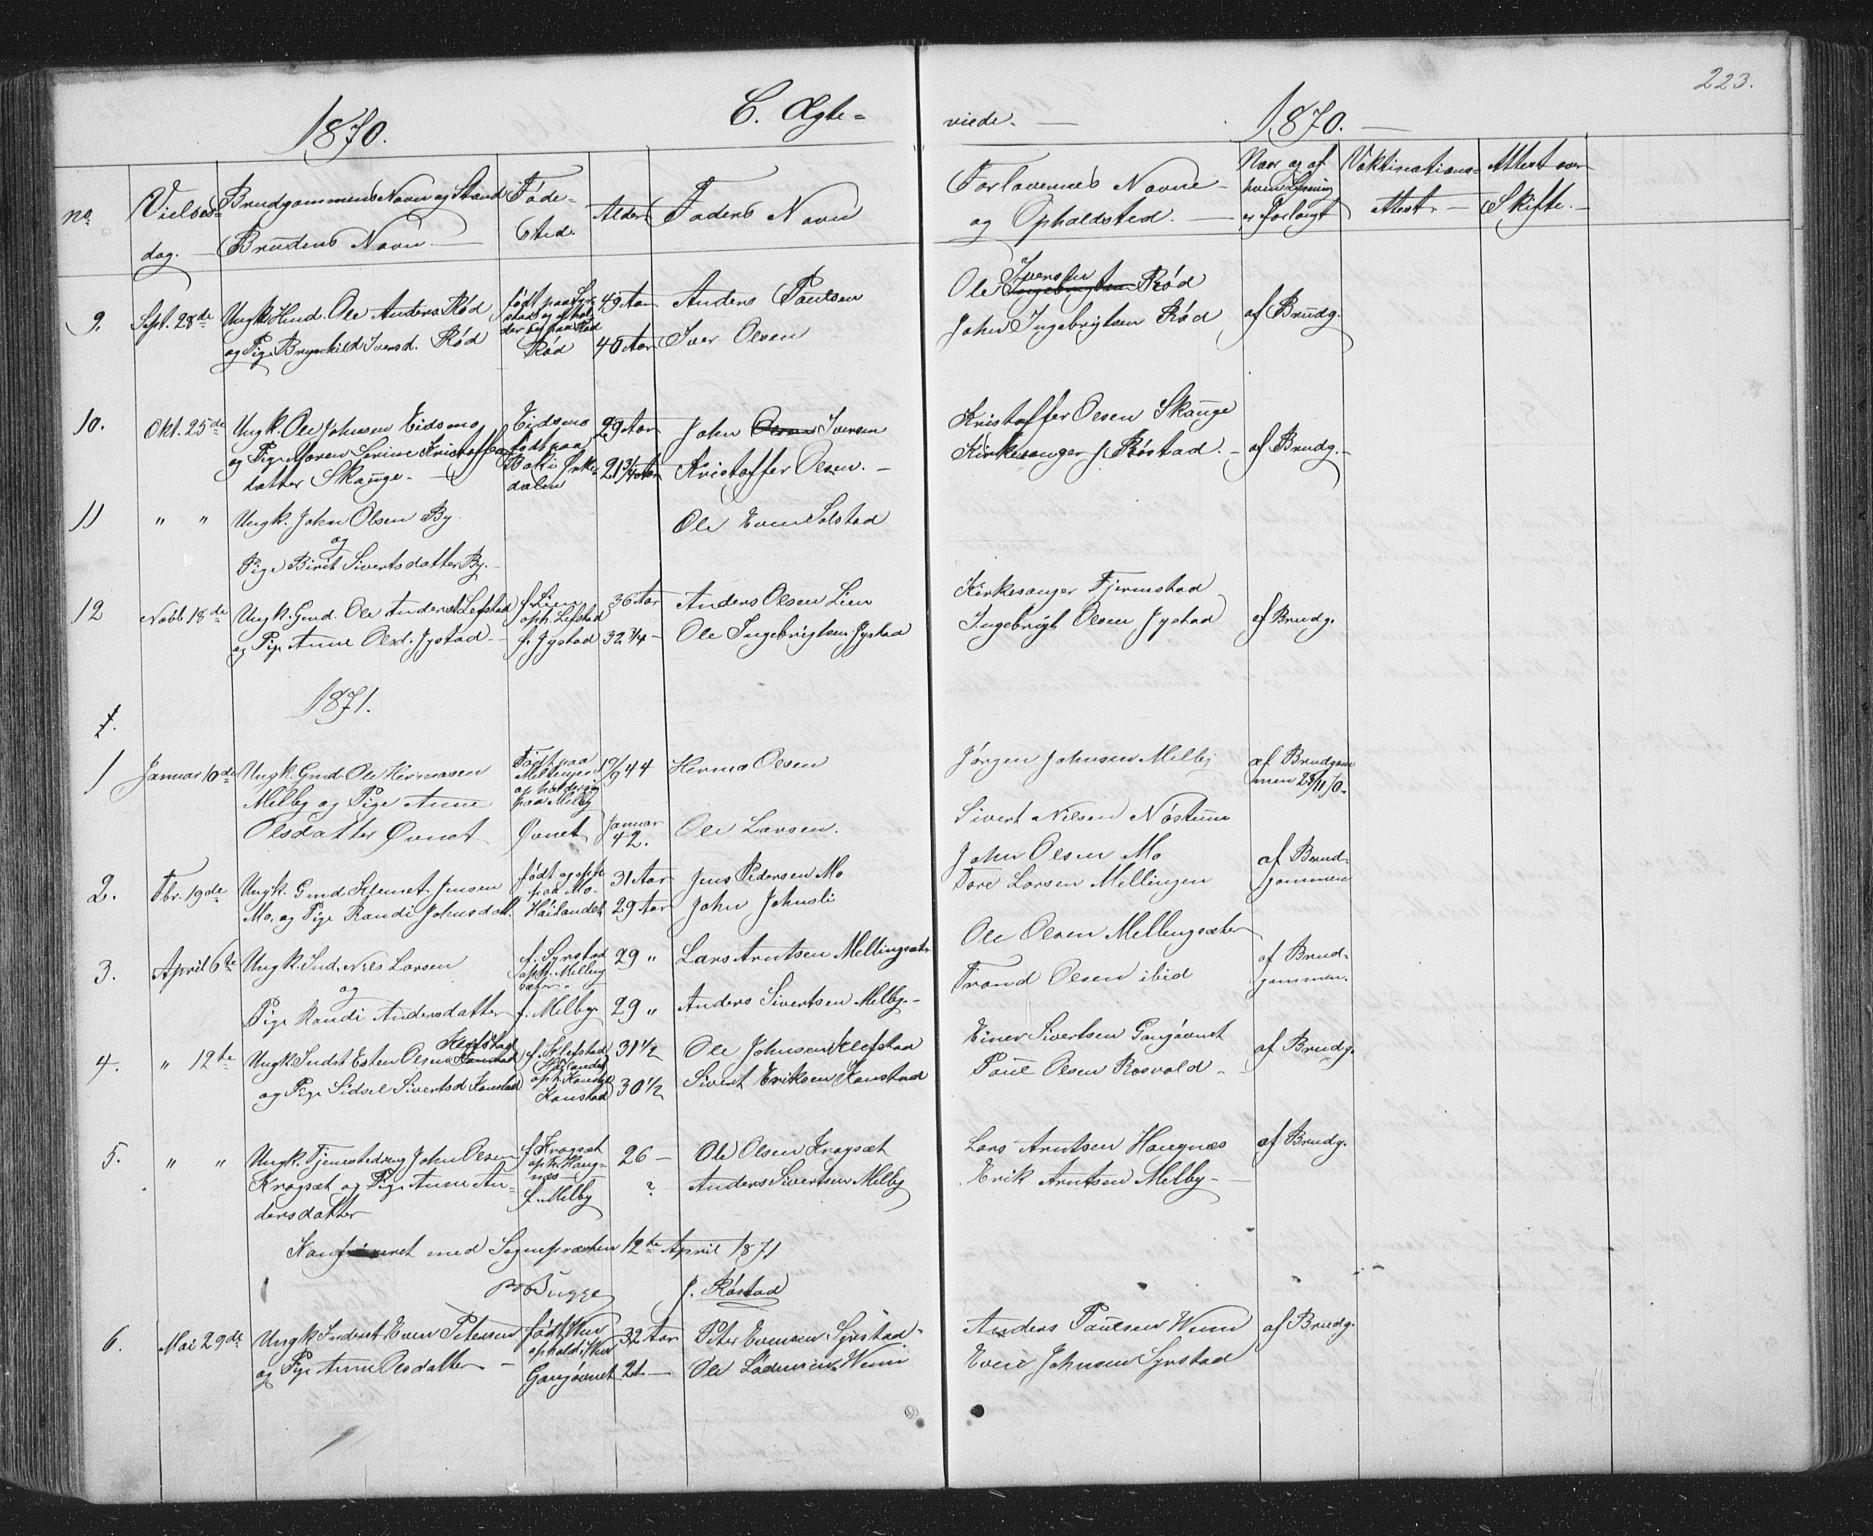 SAT, Ministerialprotokoller, klokkerbøker og fødselsregistre - Sør-Trøndelag, 667/L0798: Klokkerbok nr. 667C03, 1867-1929, s. 223